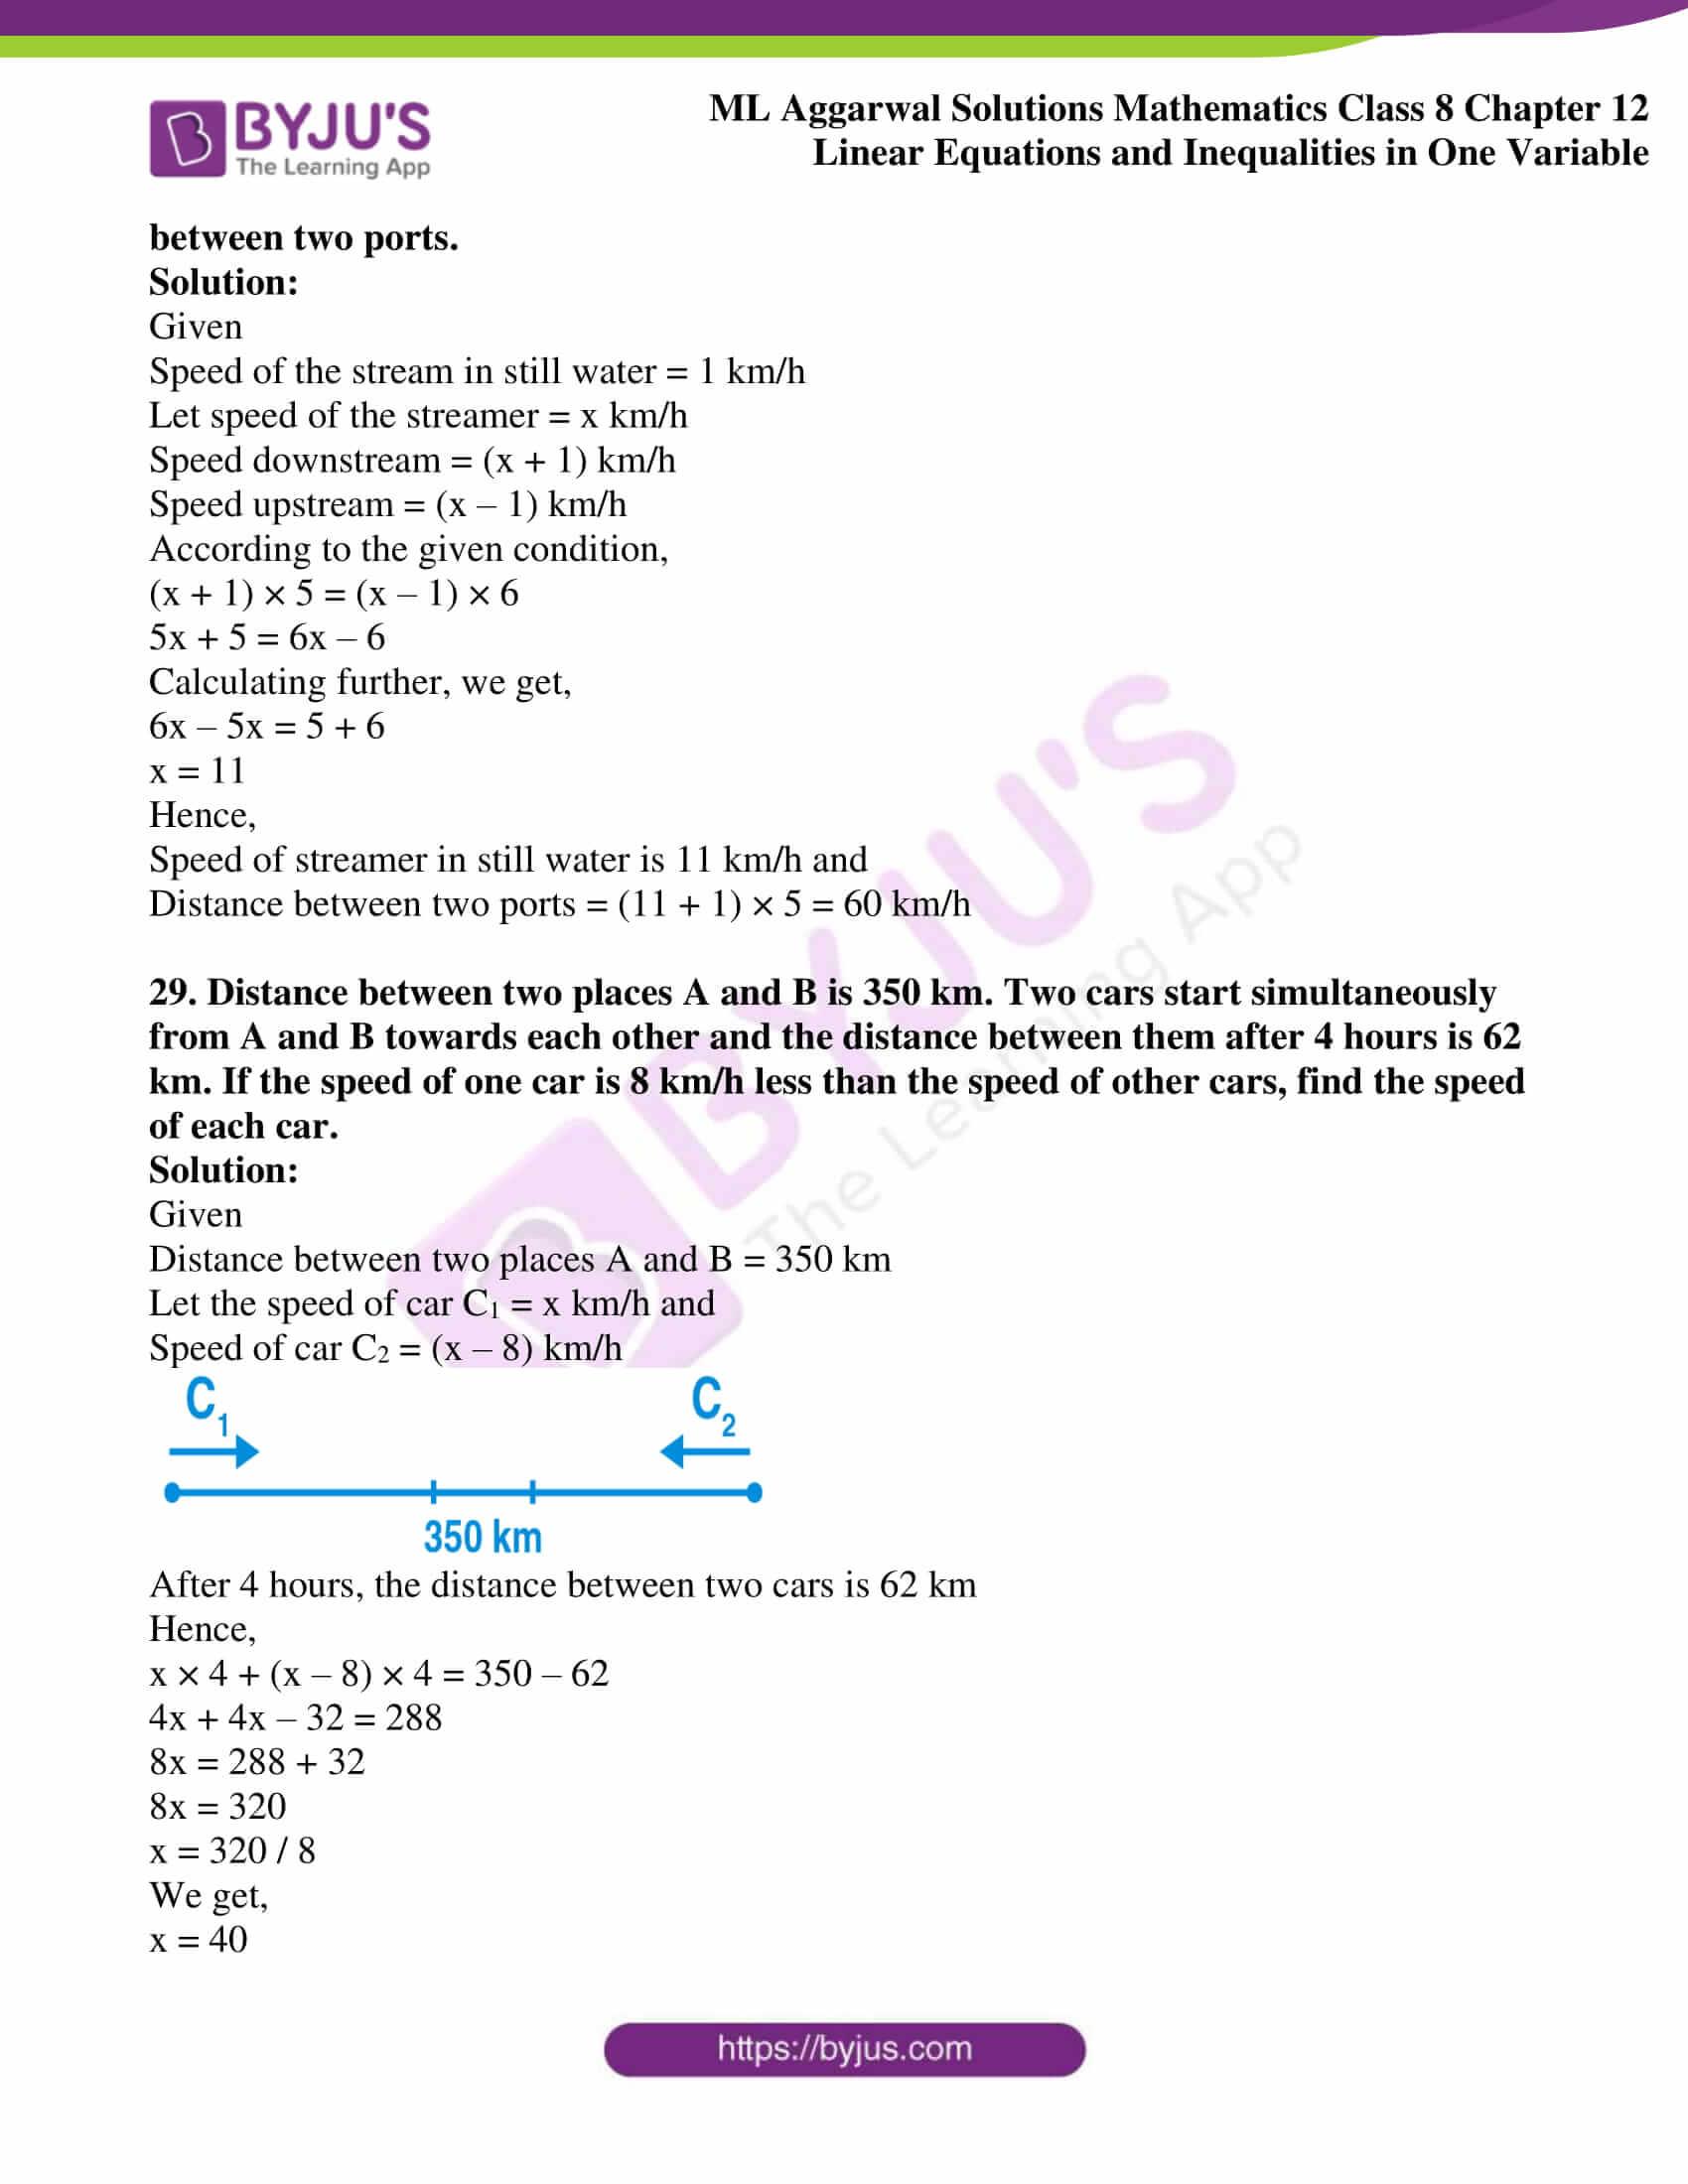 ml aggarwal sol mathematics class 8 ch 12 25